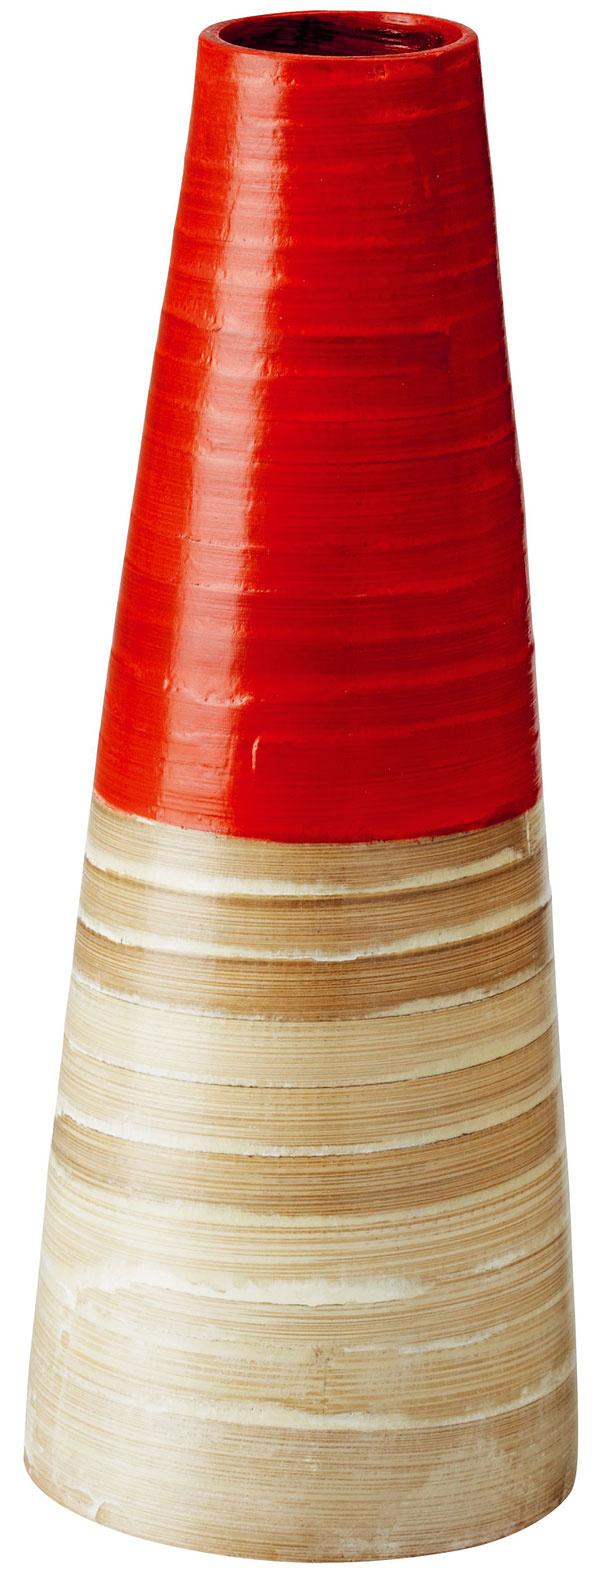 Dekoračná váza Vinäger, bambus, lak snitrocelulózou, 32 cm, 9,99 €, IKEA